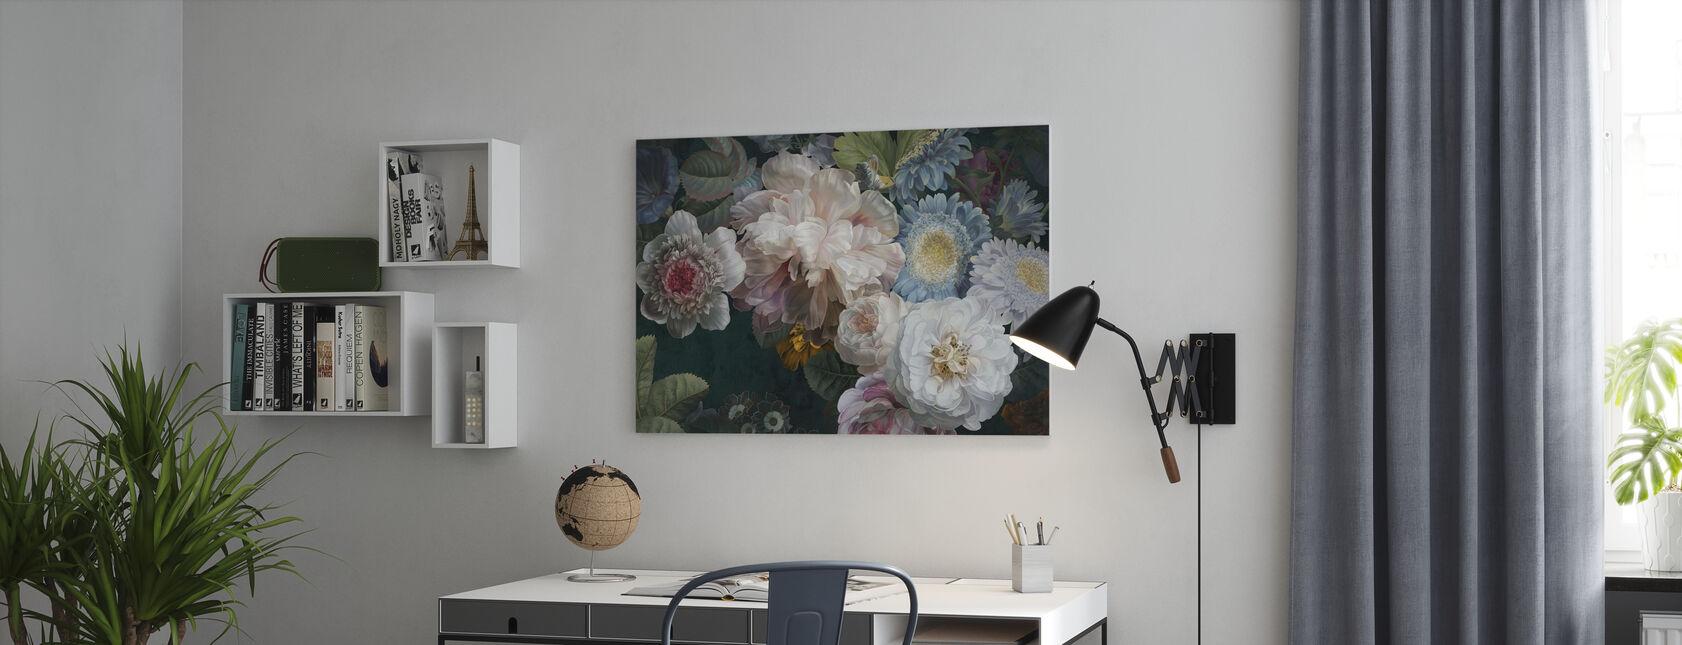 Arrangement de lustre - Impression sur toile - Bureau